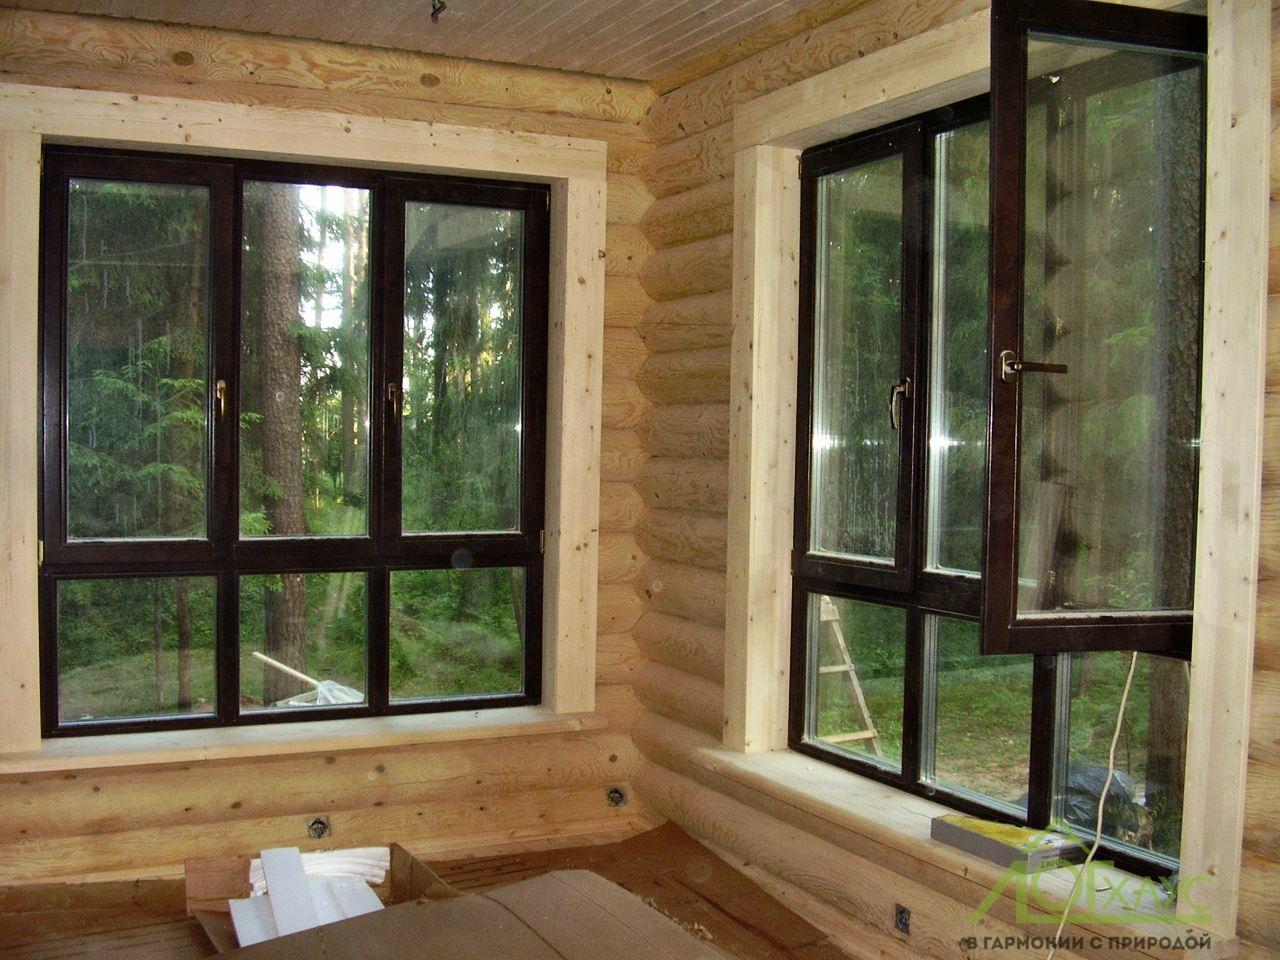 Монтаж деревянных окон в срубе